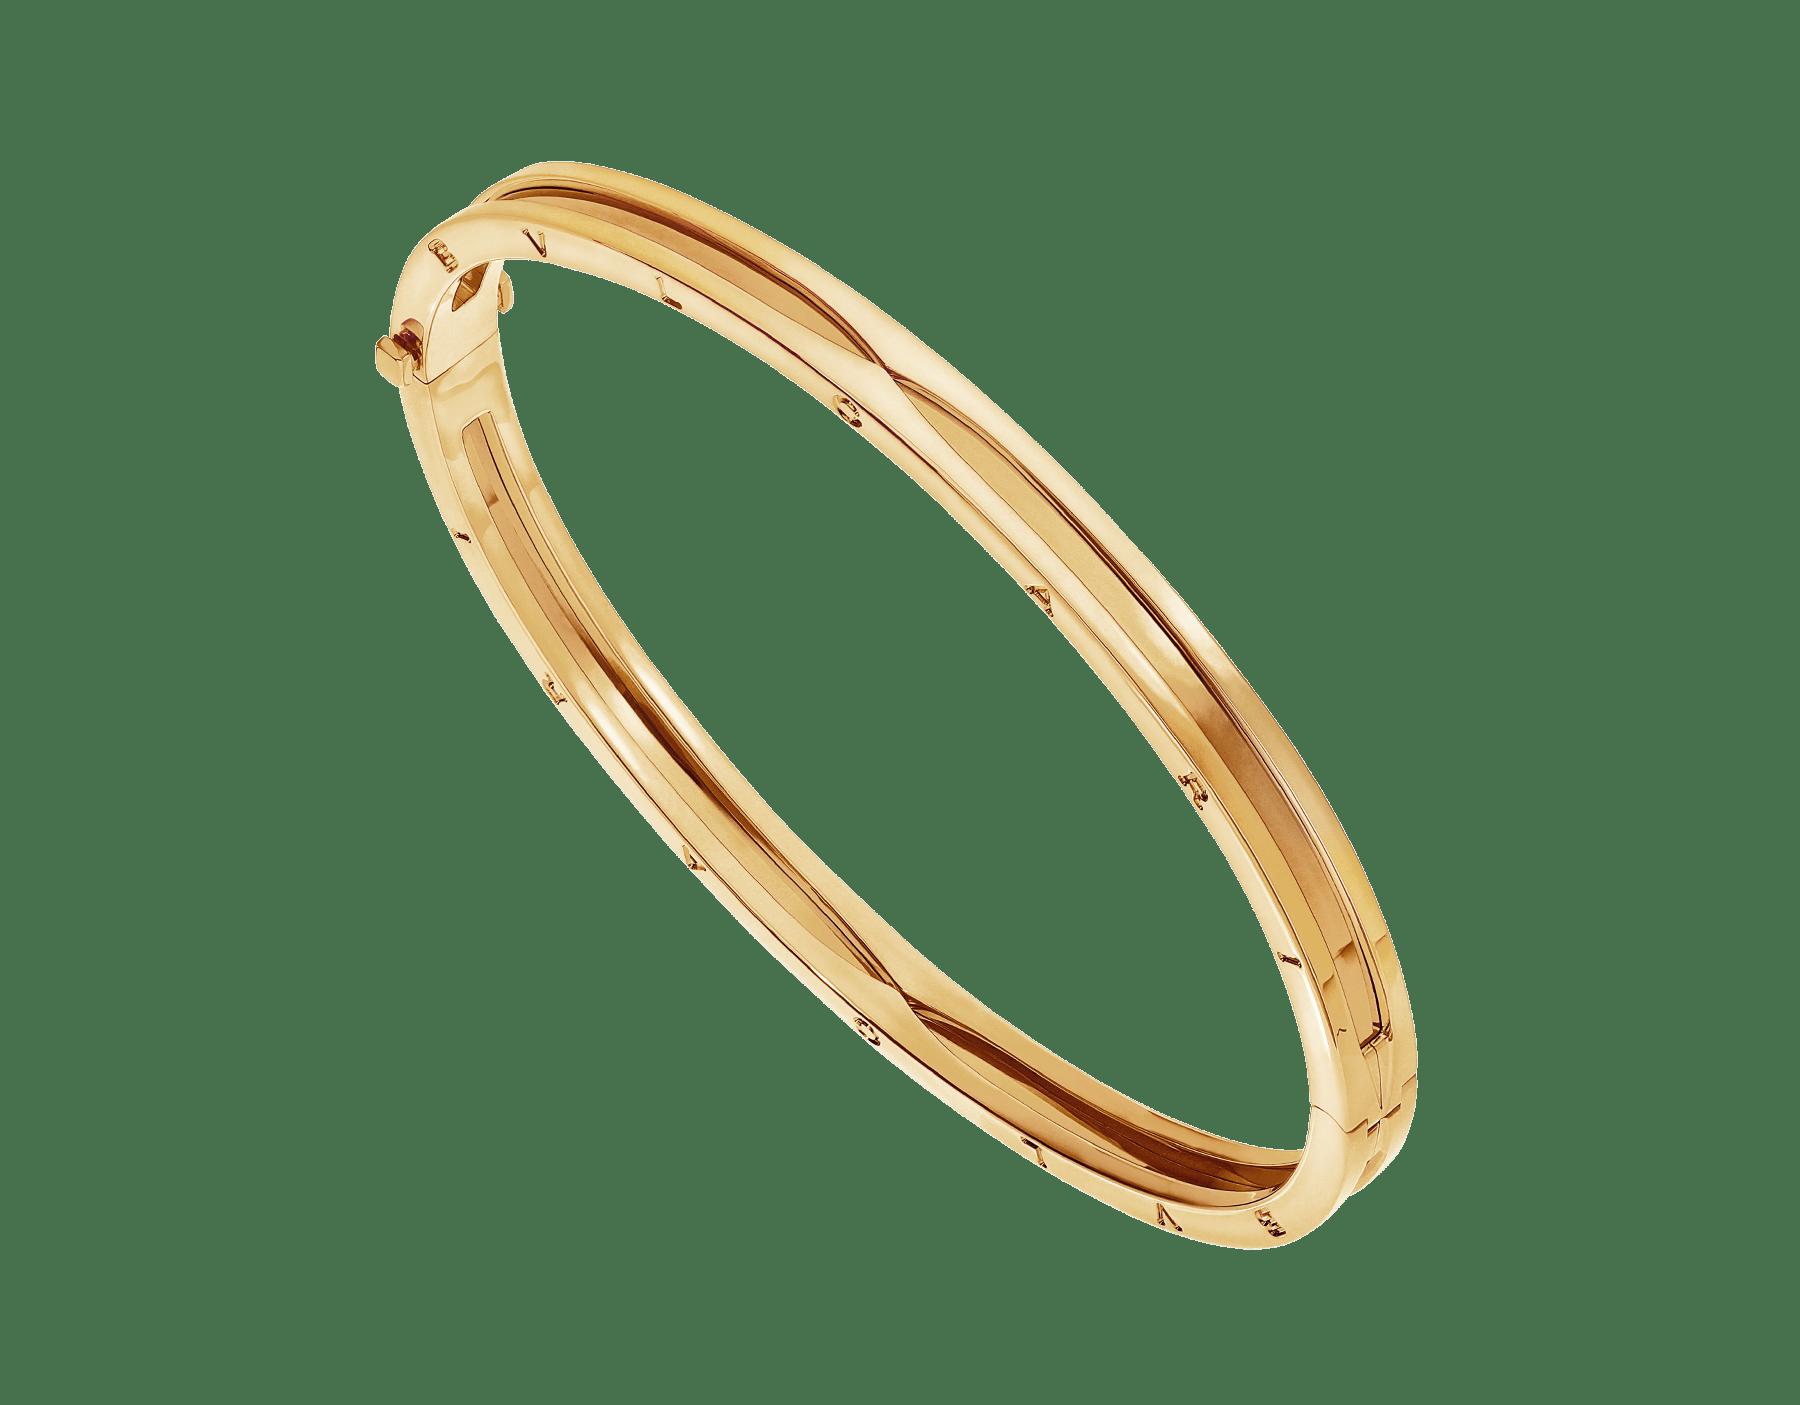 Браслет в форме кольца B.zero1, желтое золото 18карат BR858726 image 1